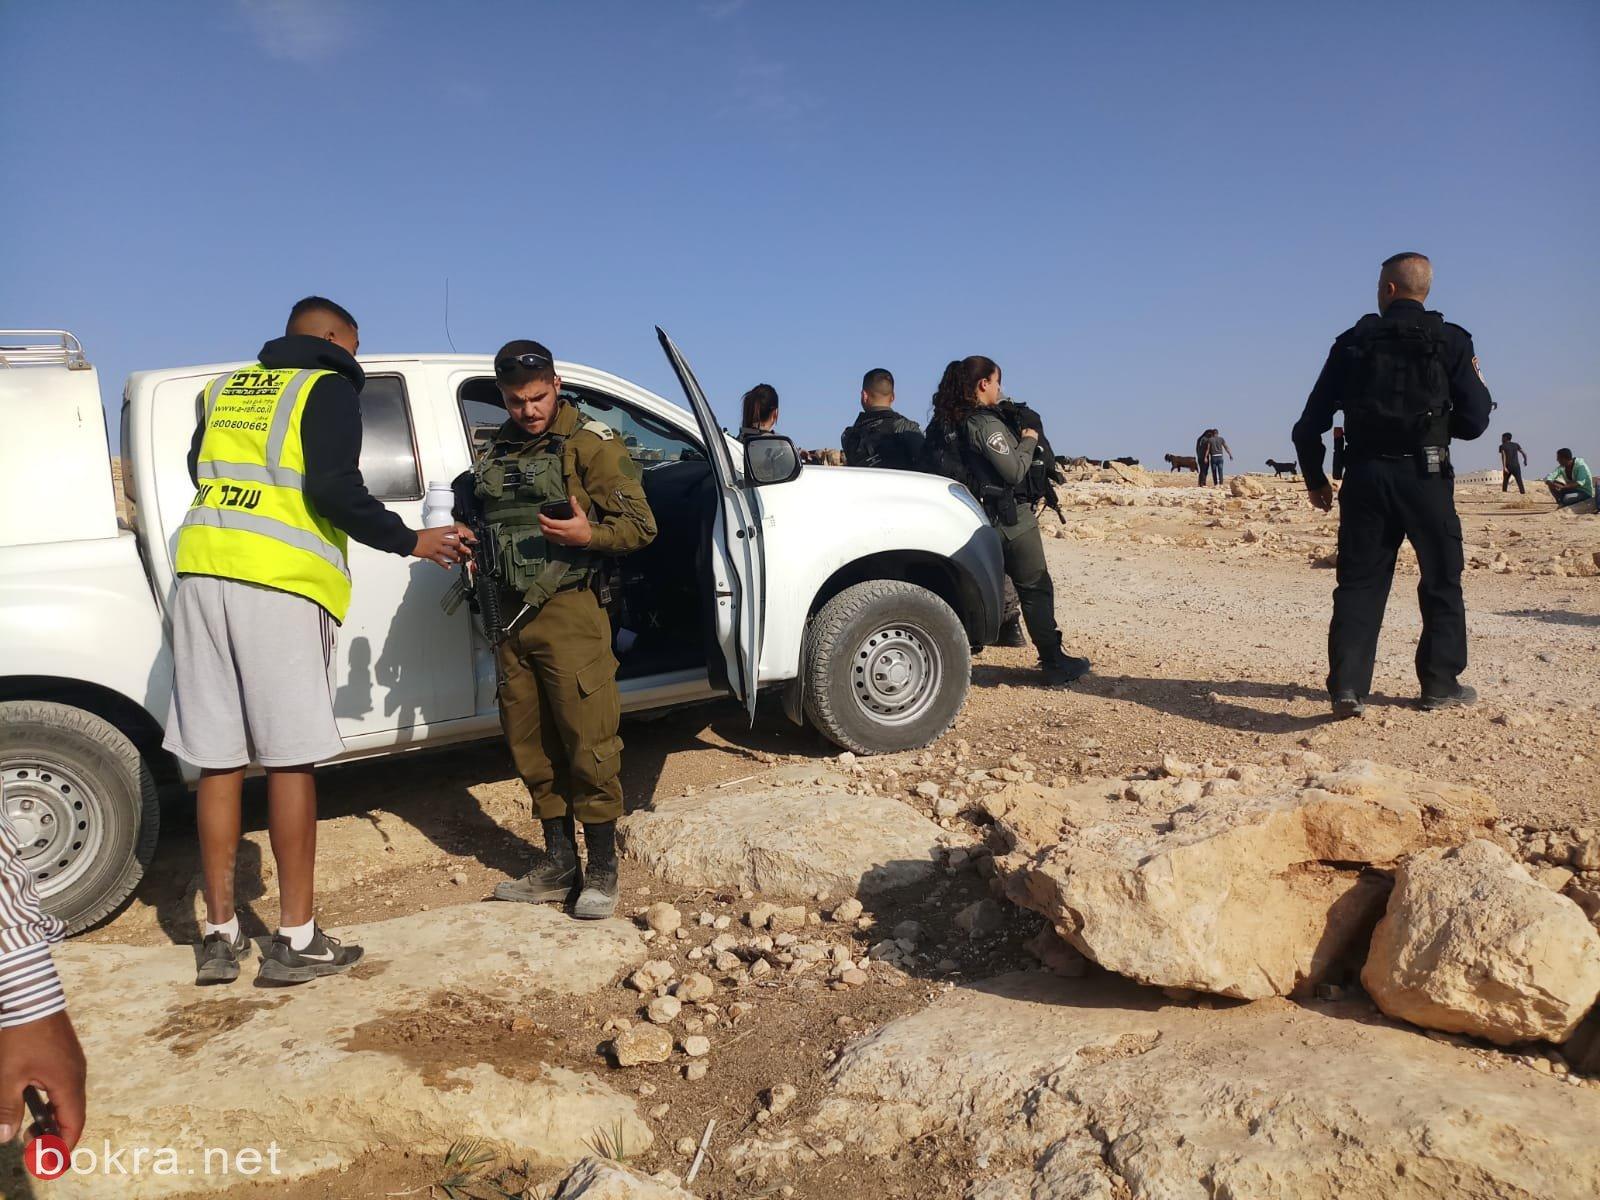 الاحتلال يهدم غرفتين سكنيتين في المنطار ببادية القدس